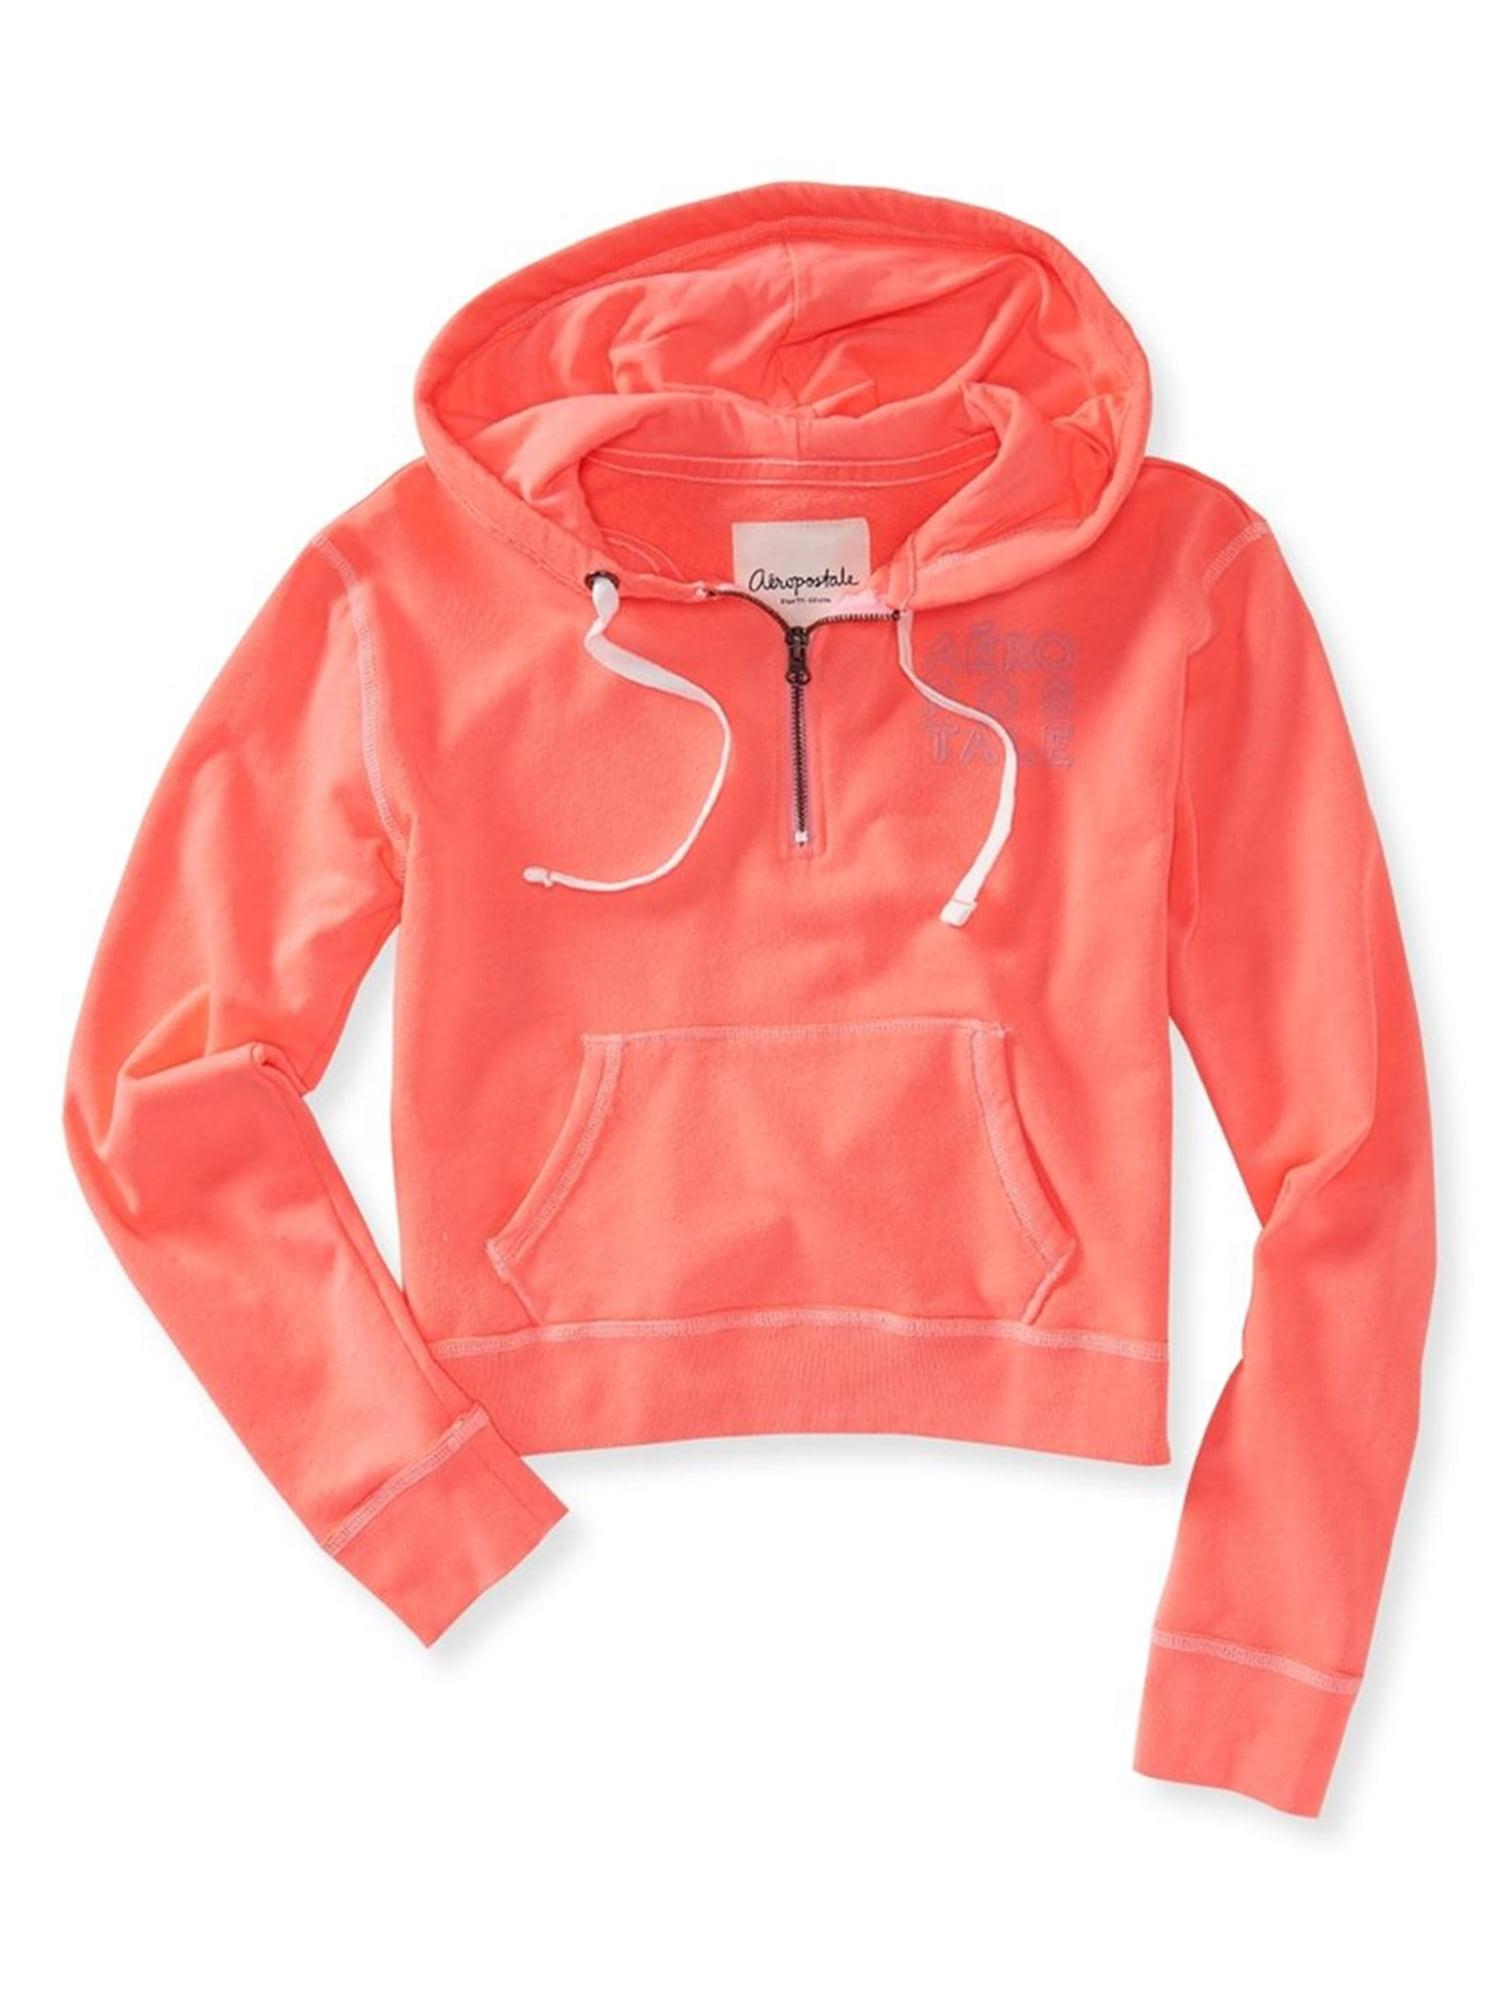 Aeropostale Juniors Aero Cropped Hoodie Sweatshirt